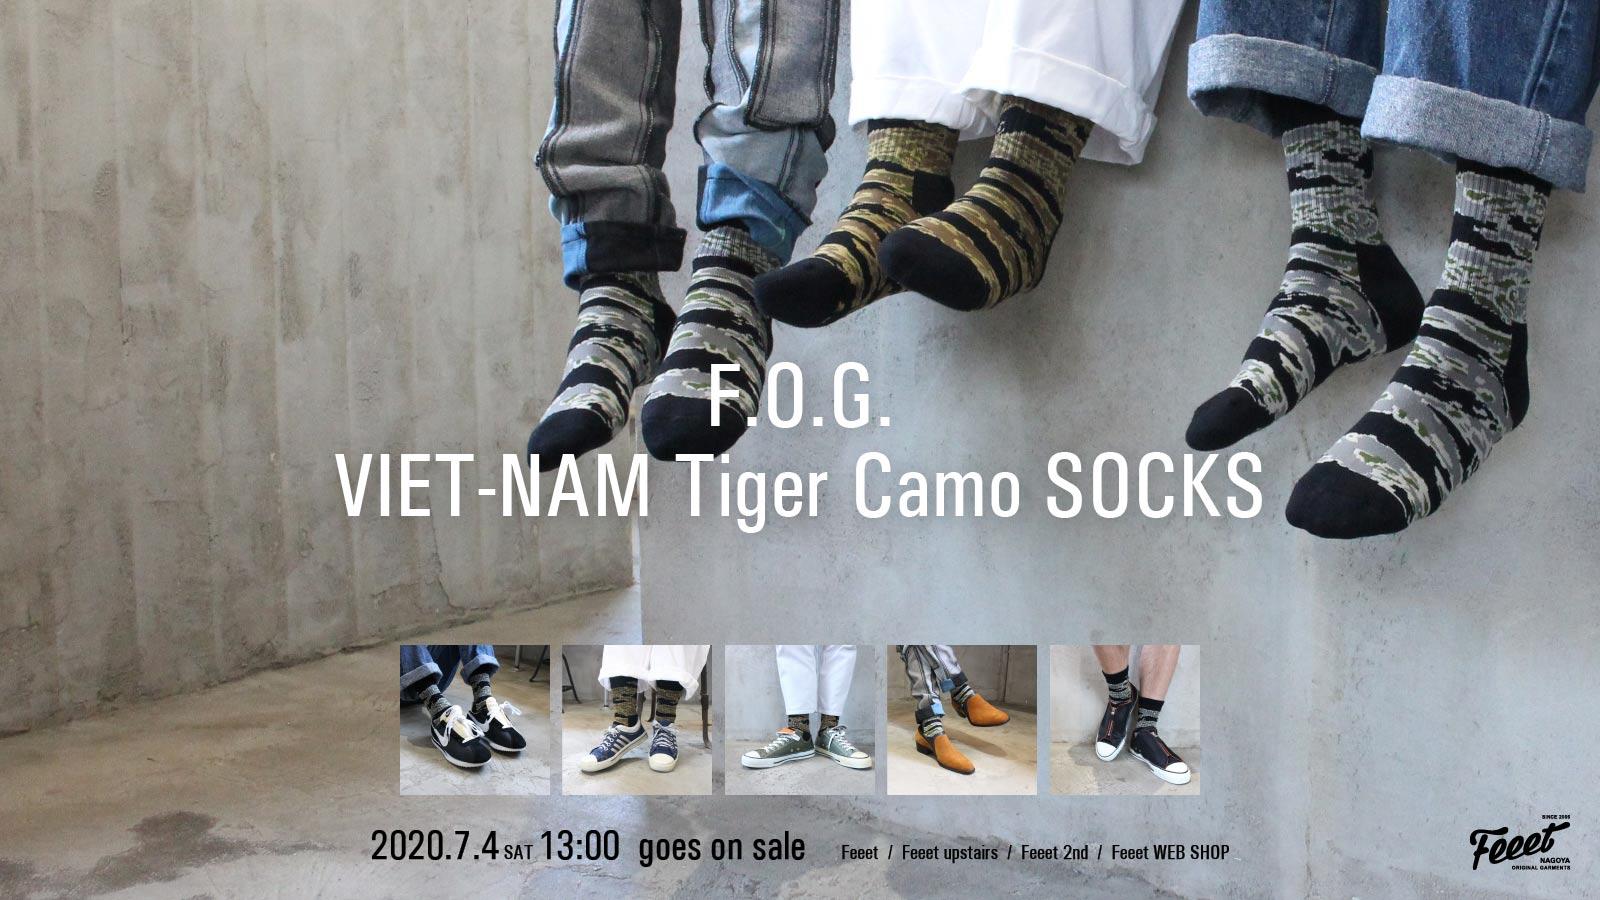 F.O.G. VIET-NAM Tiger Camo SOCKS 20200704